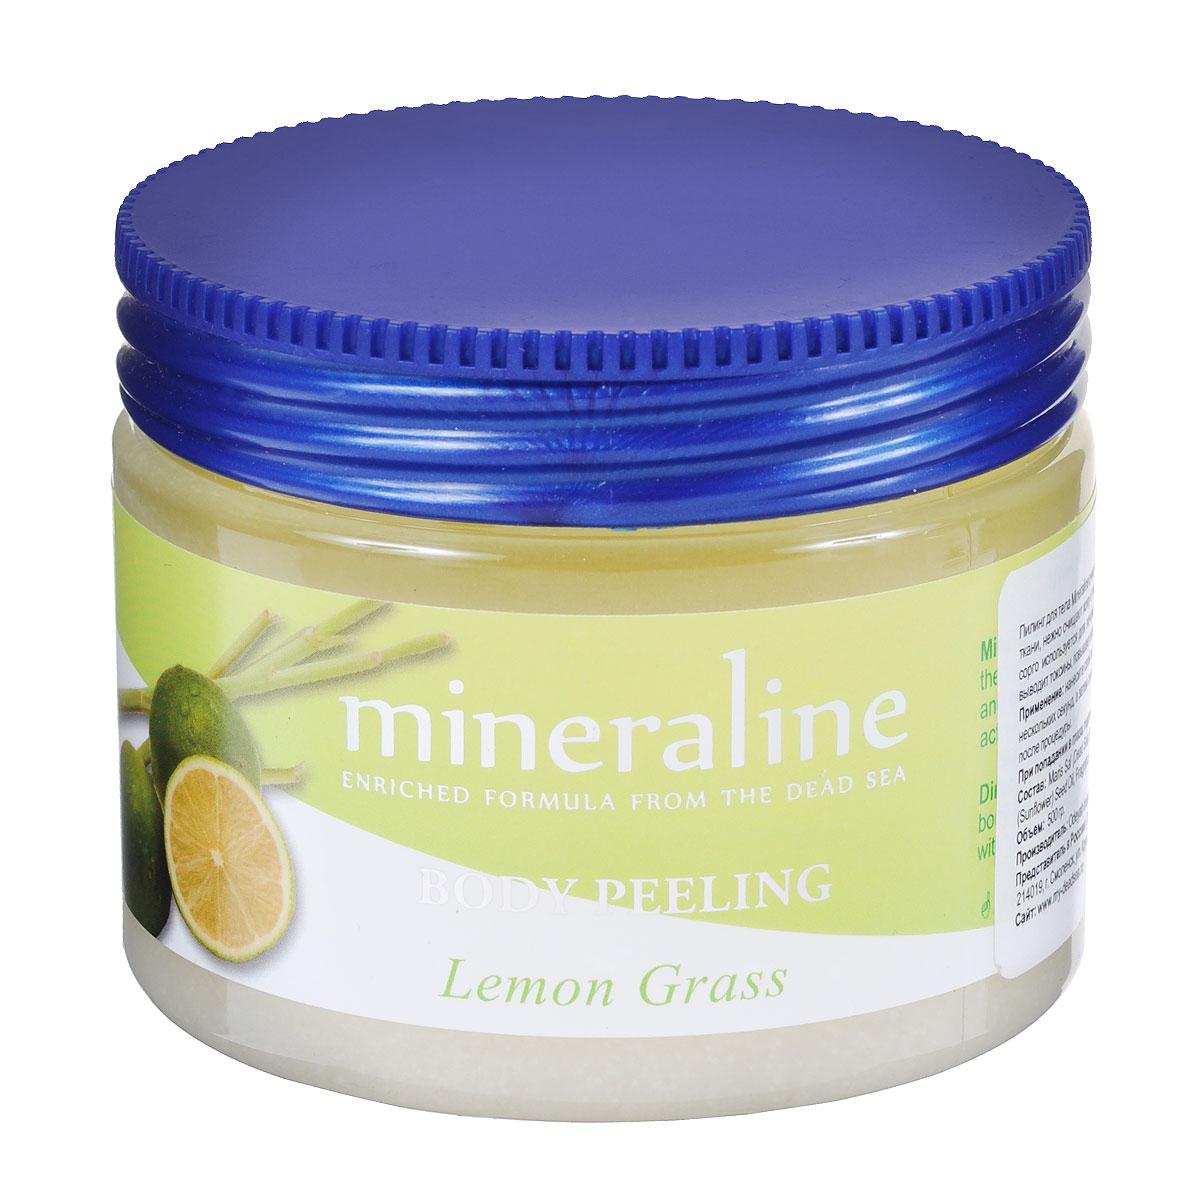 Mineraline Пилинг для тела Лимонник, 500 г72523WDПилинг для тела Mineraline очищает и полирует кожу, делая ее мягкой и бархатистой. Активные вещества стимулируют ткани, нежно очищают кожу от мертвых клеток, насыщая ее полезными микроэлементами и витаминами.Лимонное сорго используется для лечения комедонов (черных точек), сужает расширенные поры, восстанавливает клетки, выводит токсины, повышает эластичность и нормализует уровень влаги в тканях. Товар сертифицирован.